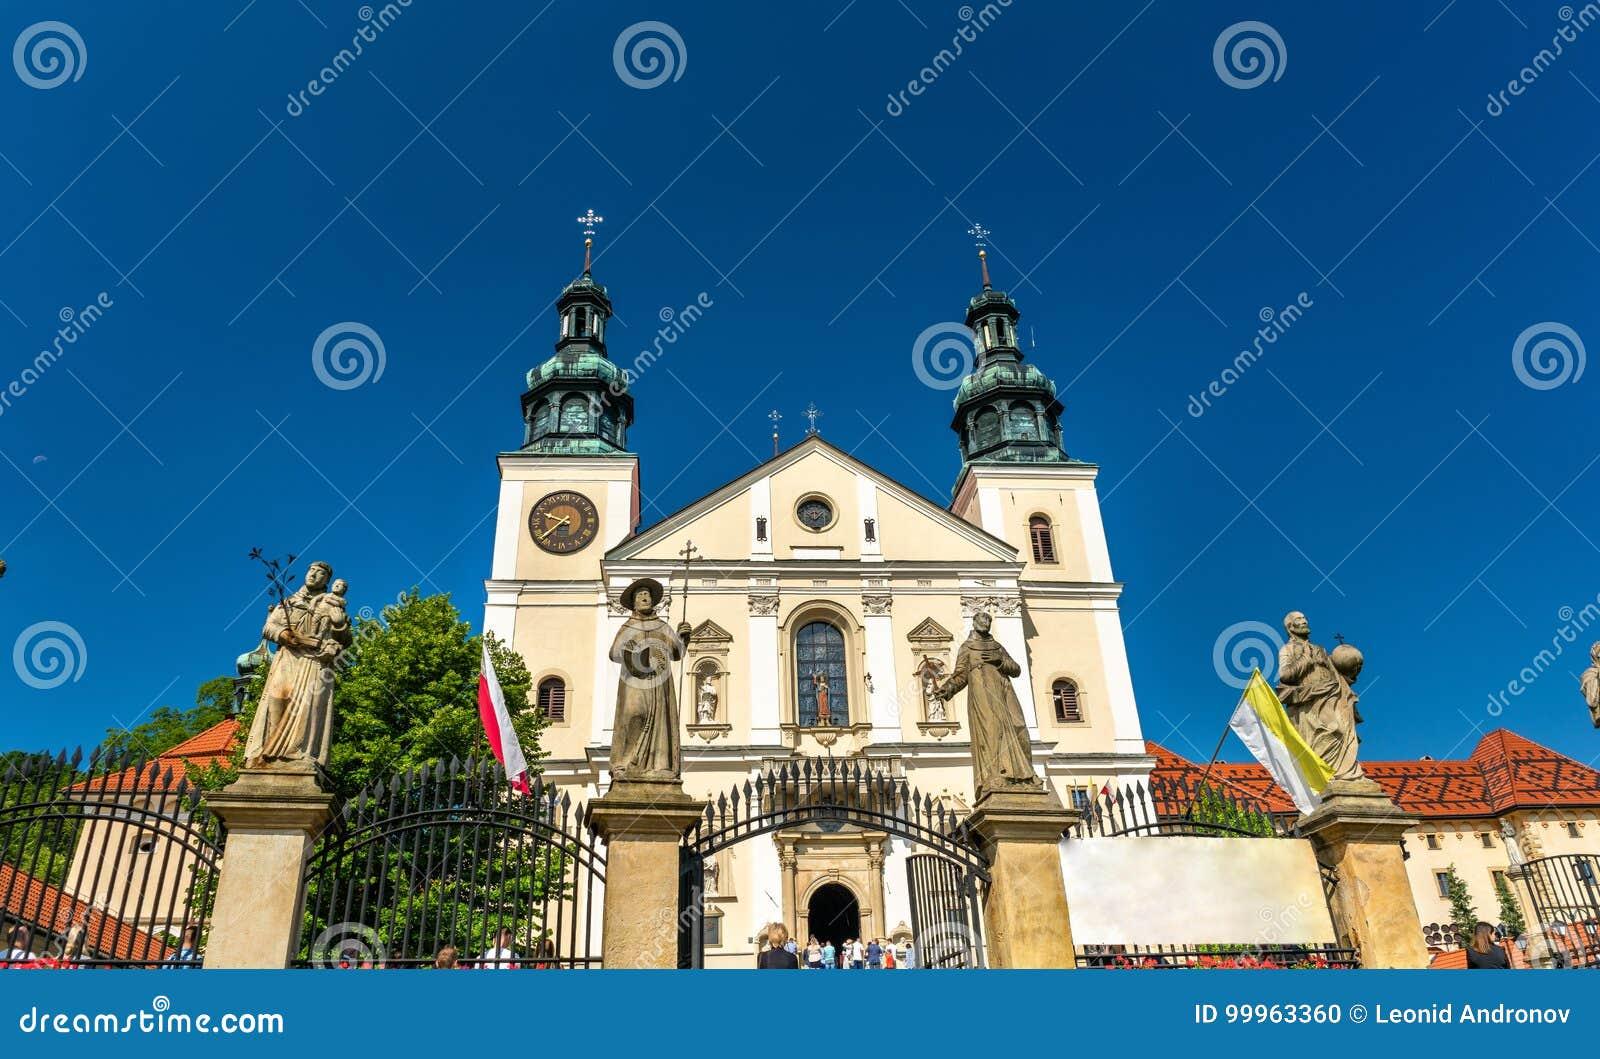 Kloster von Kalwaria Zebrzydowska, eine UNESCO-Welterbestätte in Polen